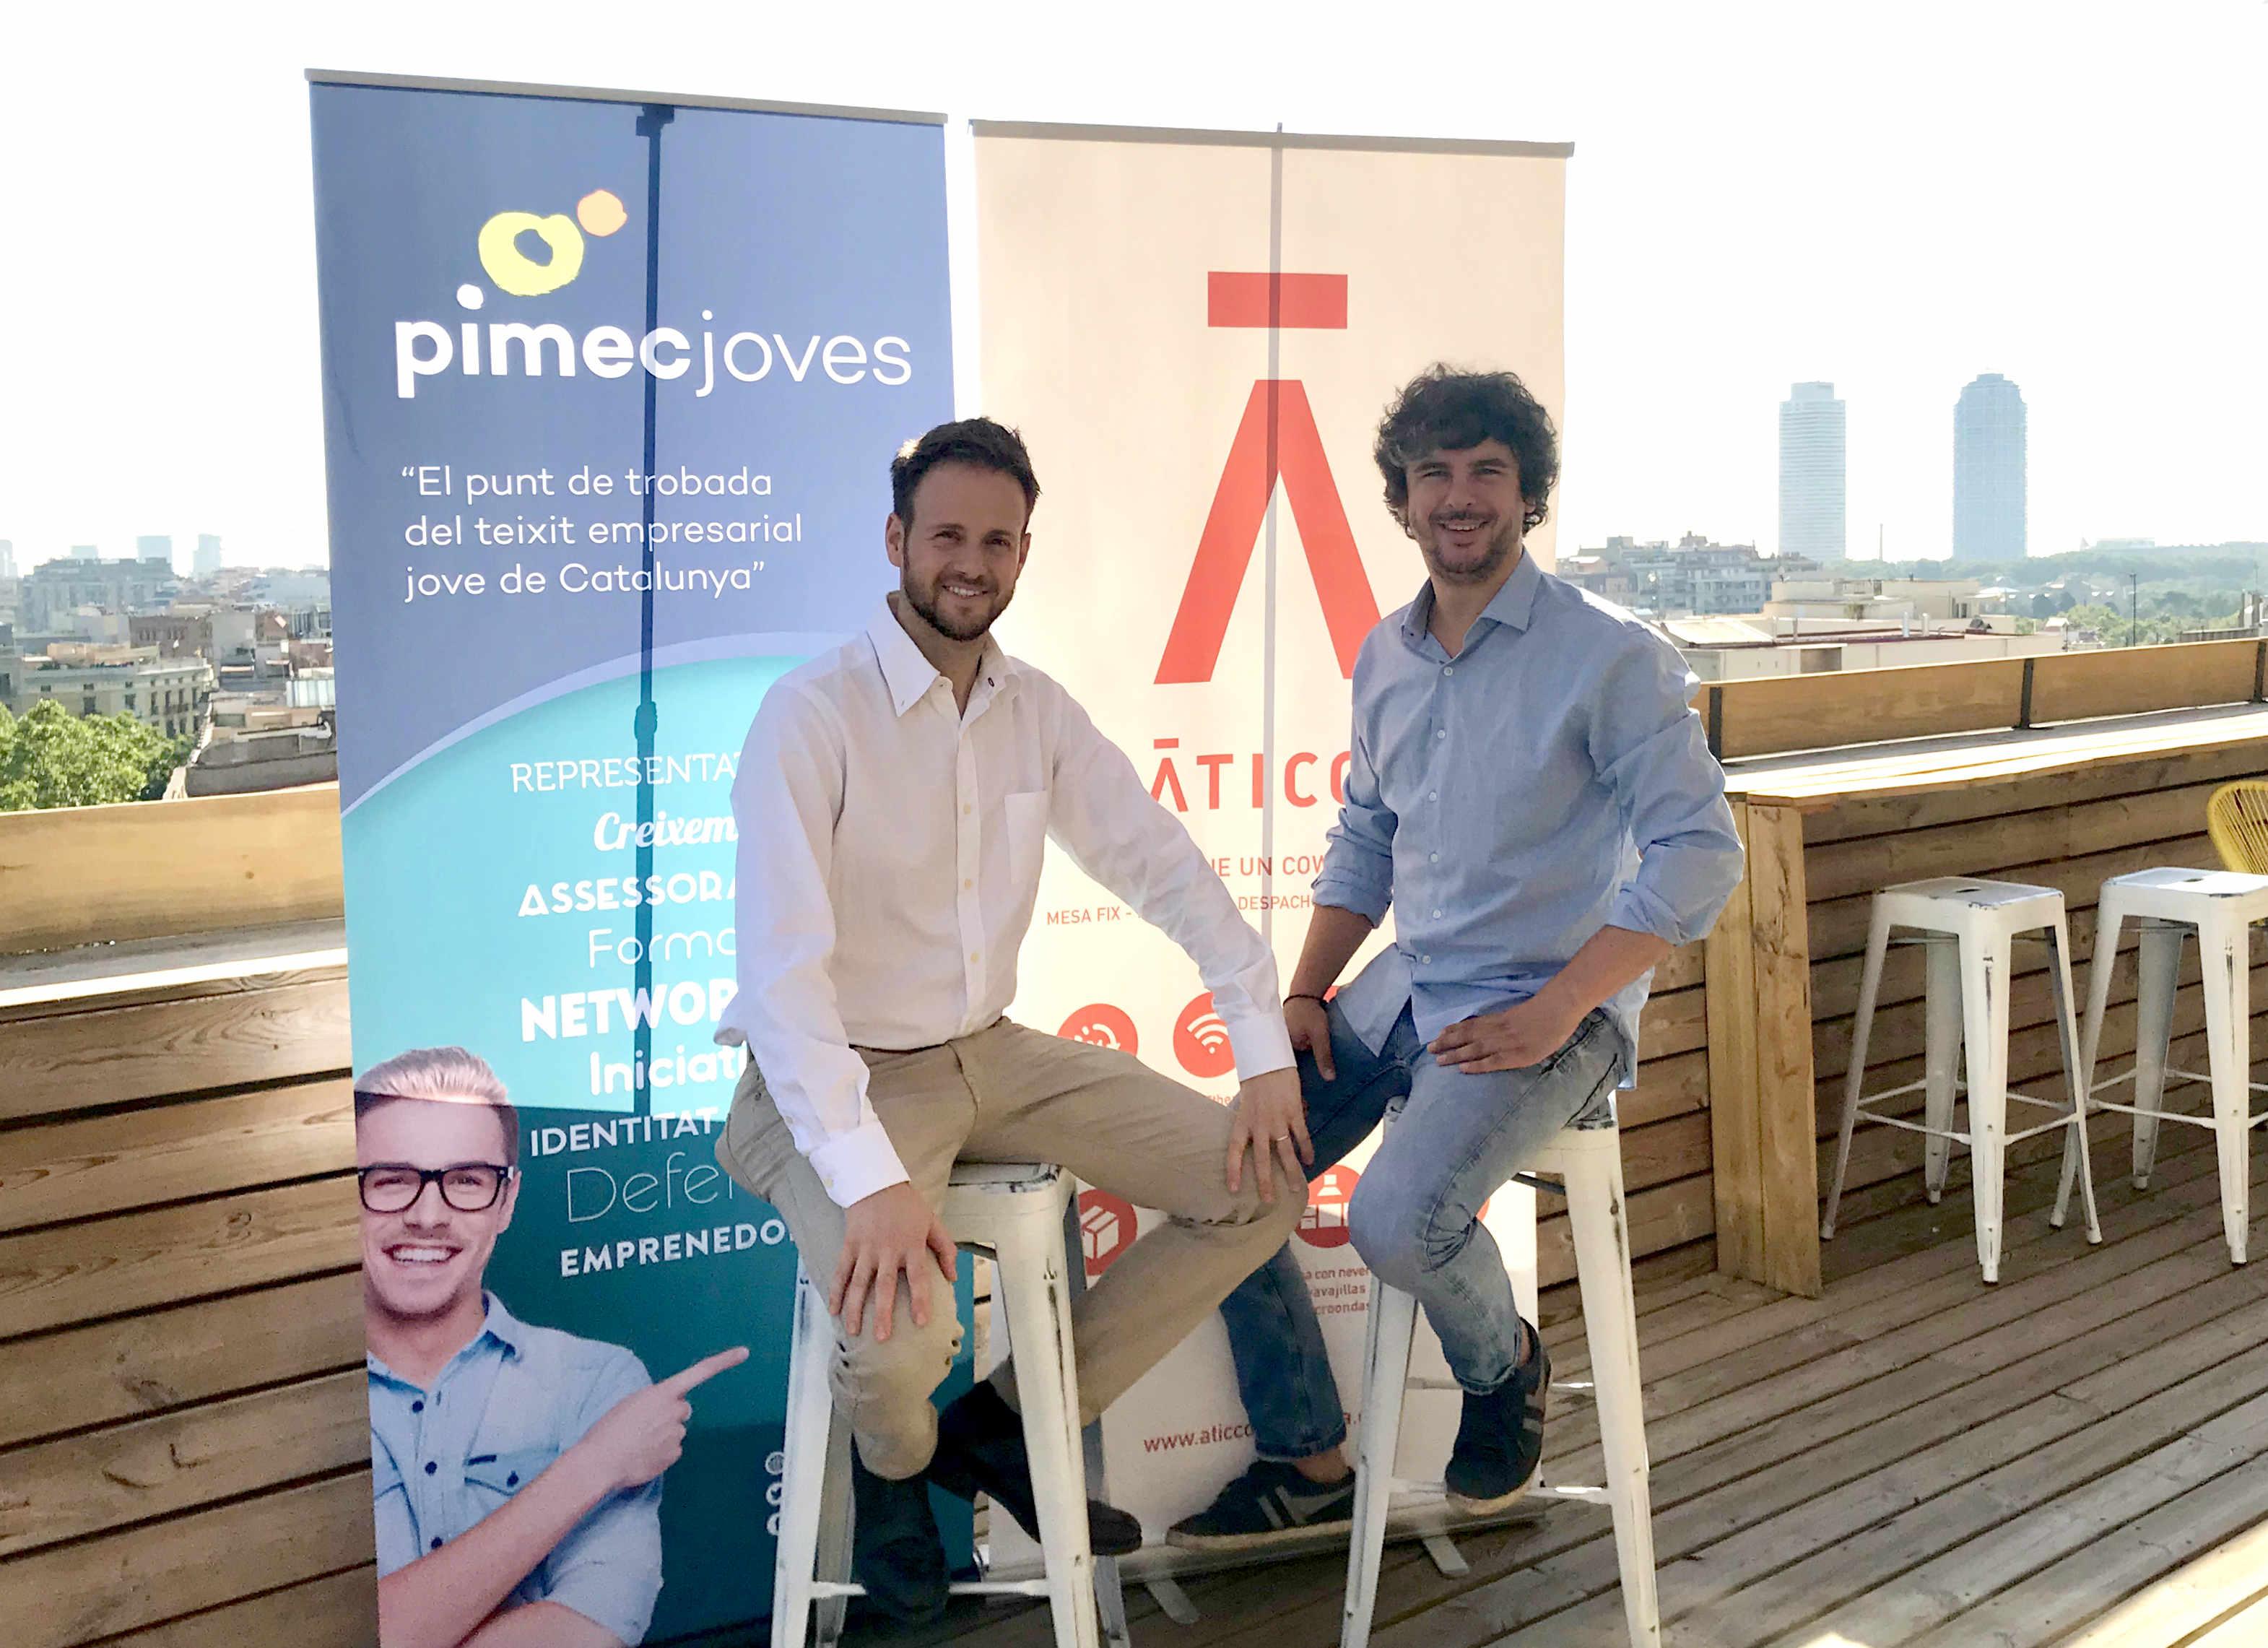 PIMEC Joves y Aticco: unidos por el coworking